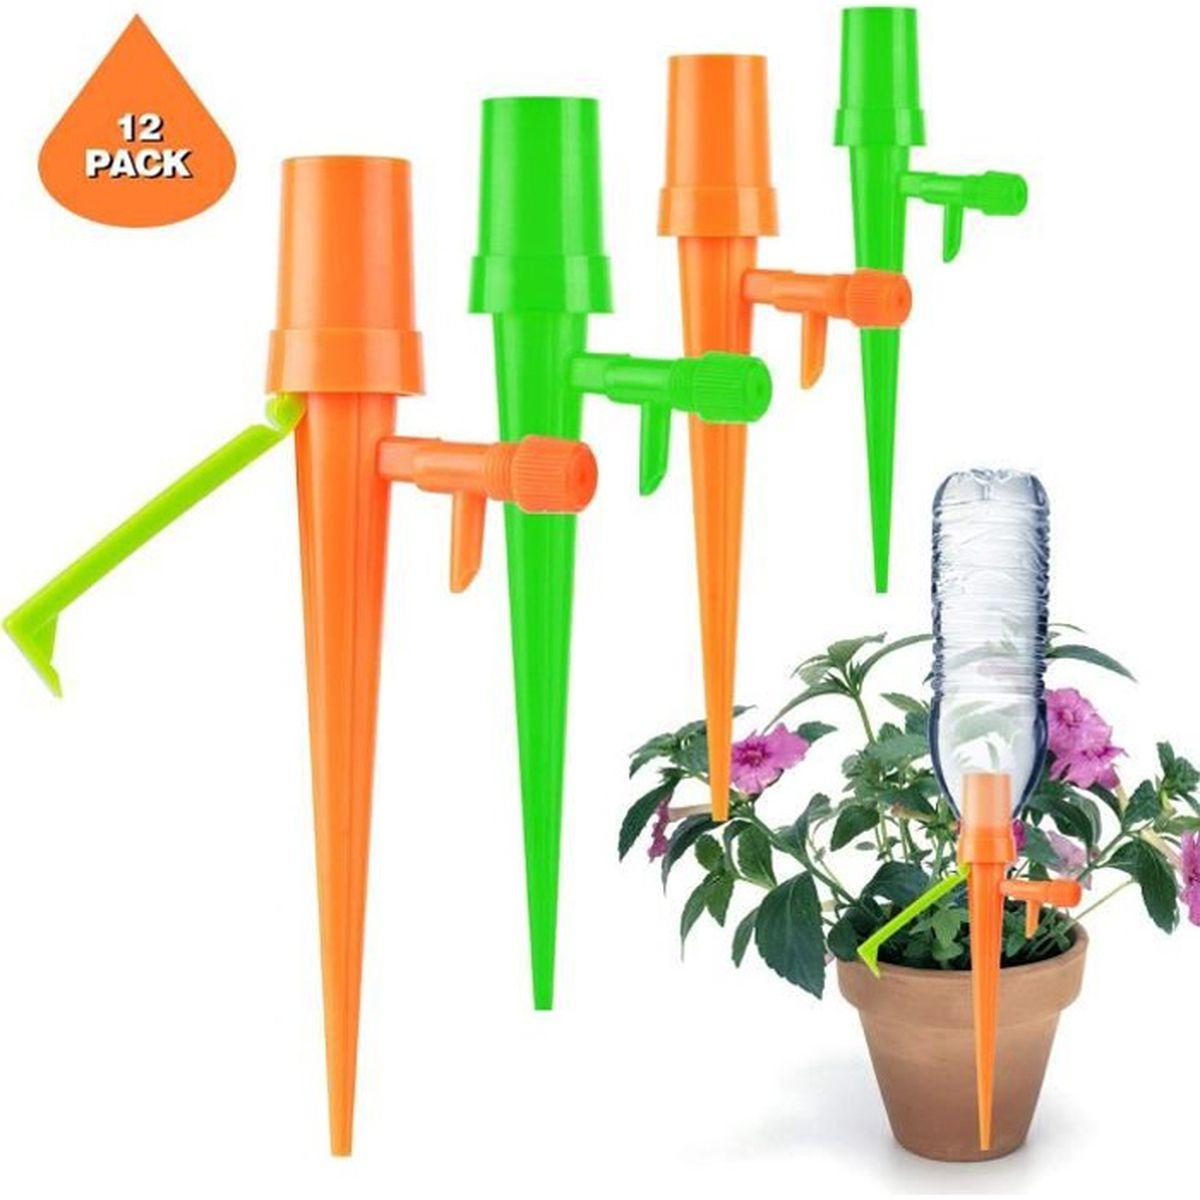 Arrosage Automatique Goutte À Goutte Avec Bouteille Plastique 12pcs arrosage plantes automatique diy, système d'irrigation